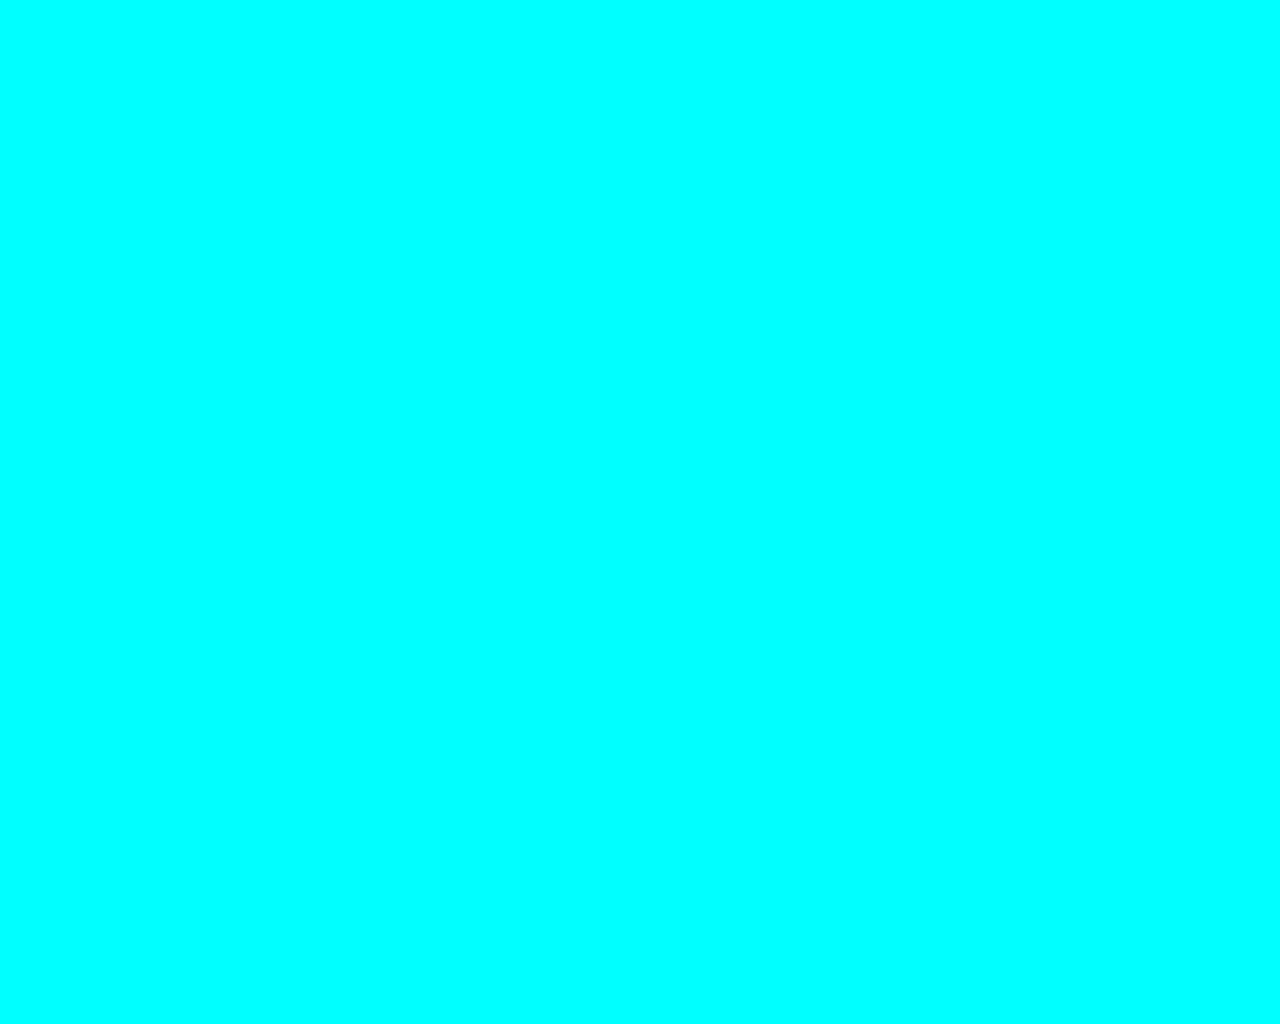 1280x1024 Aqua Solid Color Background